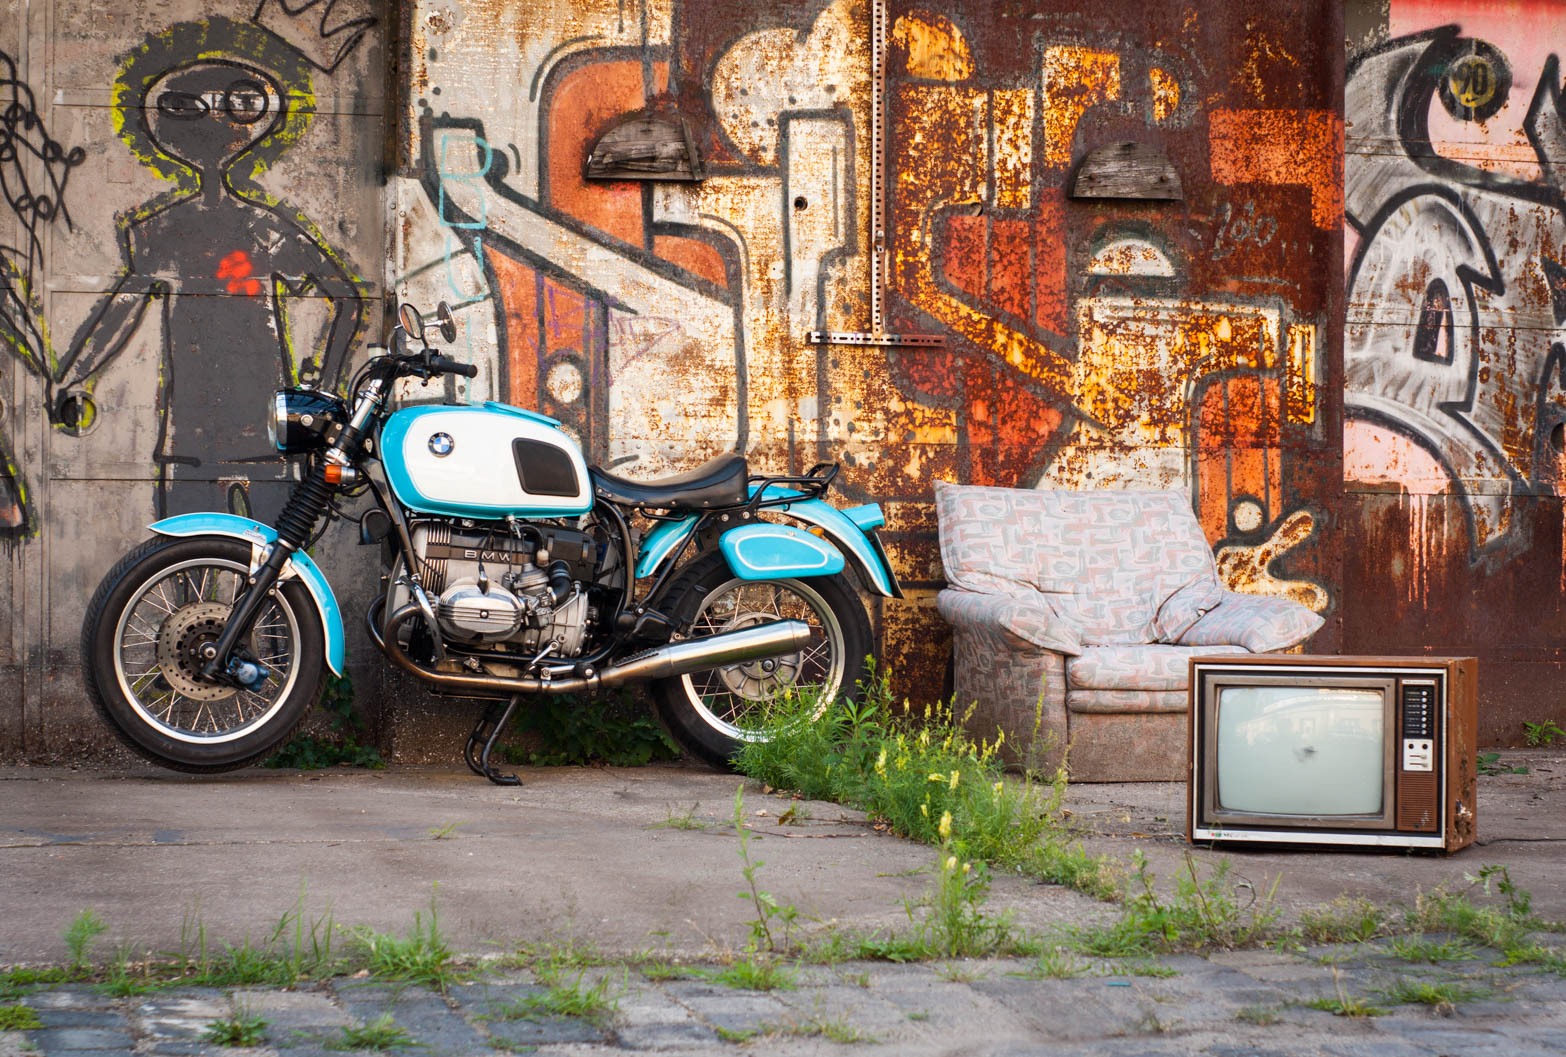 Mikki_Motos_BMW_R75_6_Classic-2-von-2